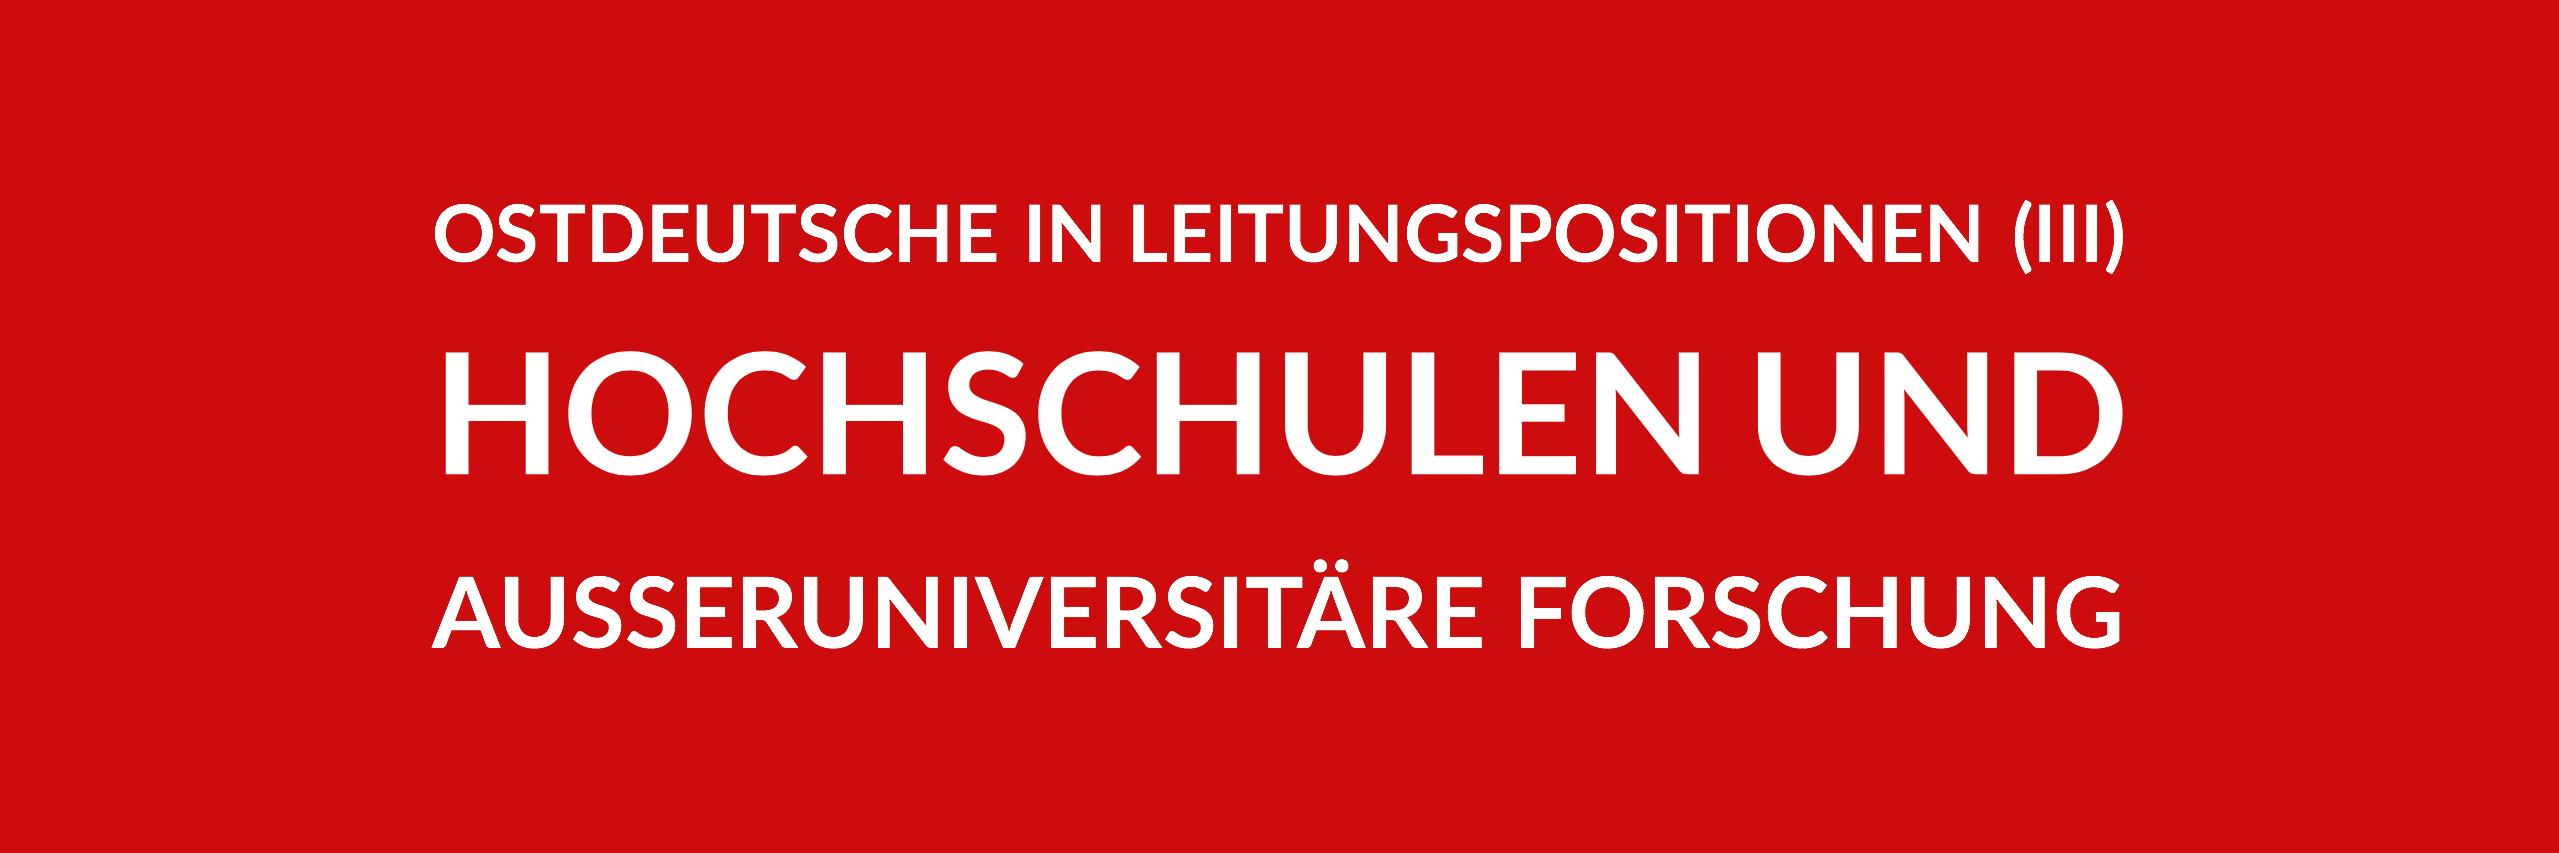 Anfrage 'Ostdeutsche in Leitungspositionen im Land Berlin (III) - Hochschulen und außeruniversitäre Forschung' (PDF)